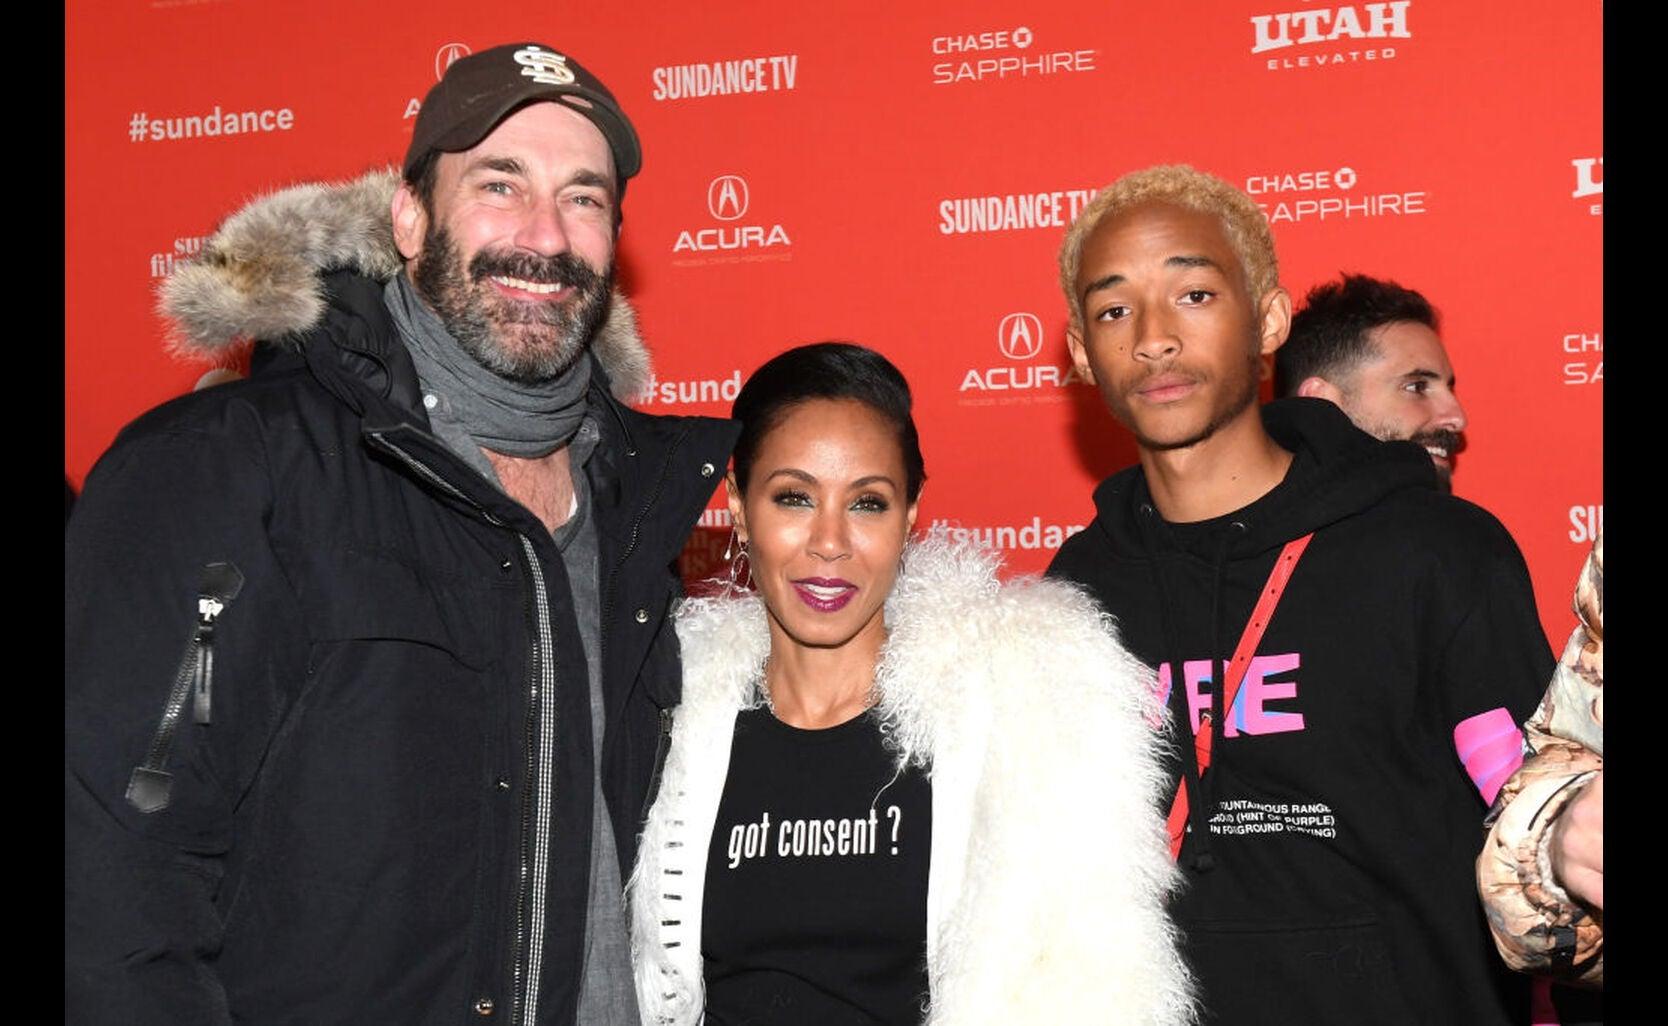 Jon Hamm, Jada Pinkett and Jaden Smith at Sundnace 2018